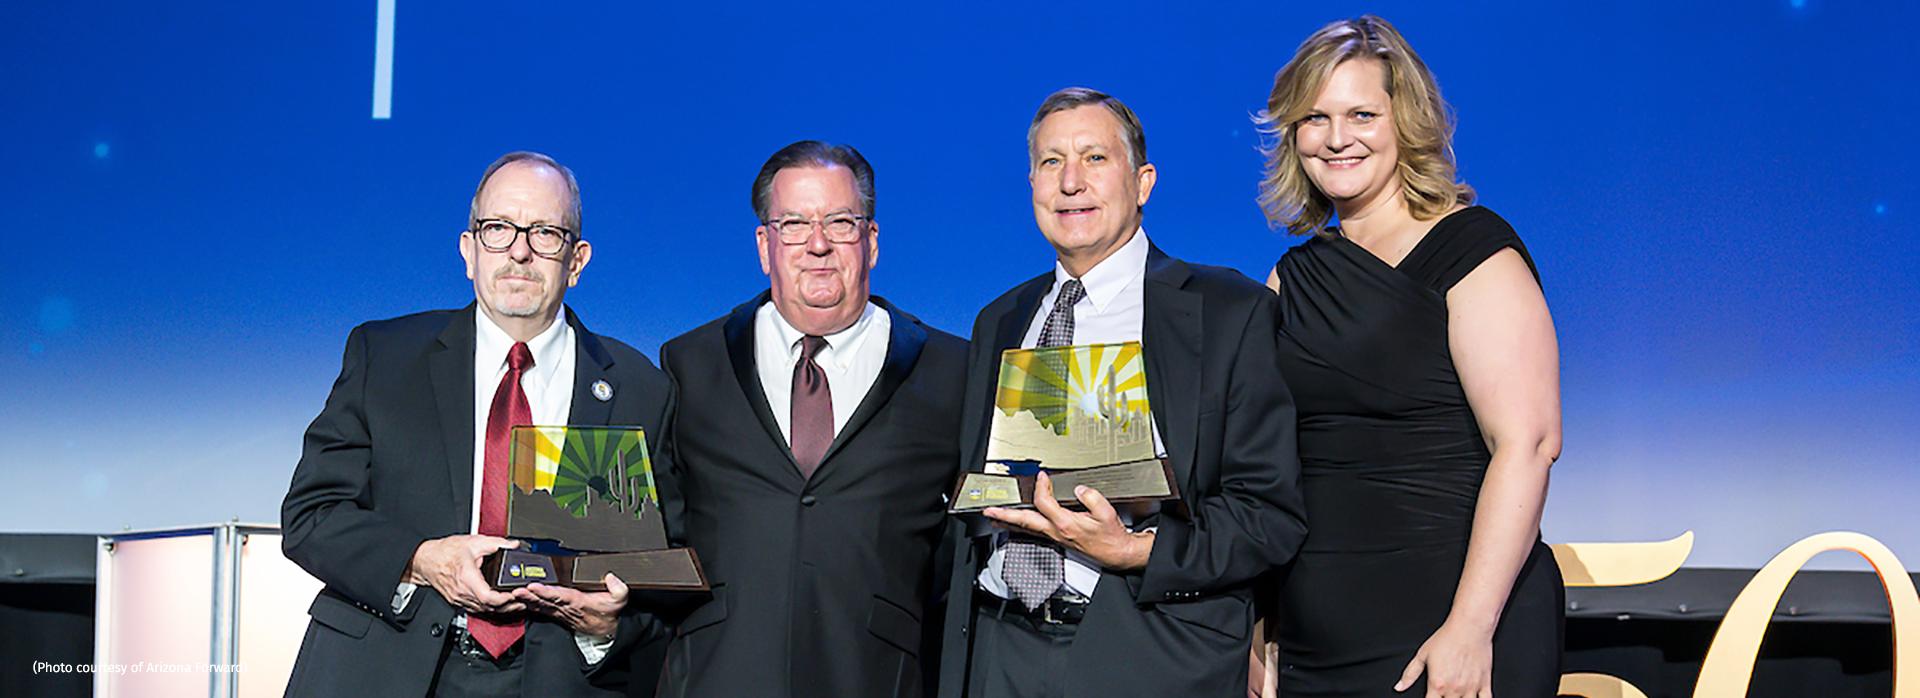 Arizona Forward Environmental Excellence Awards